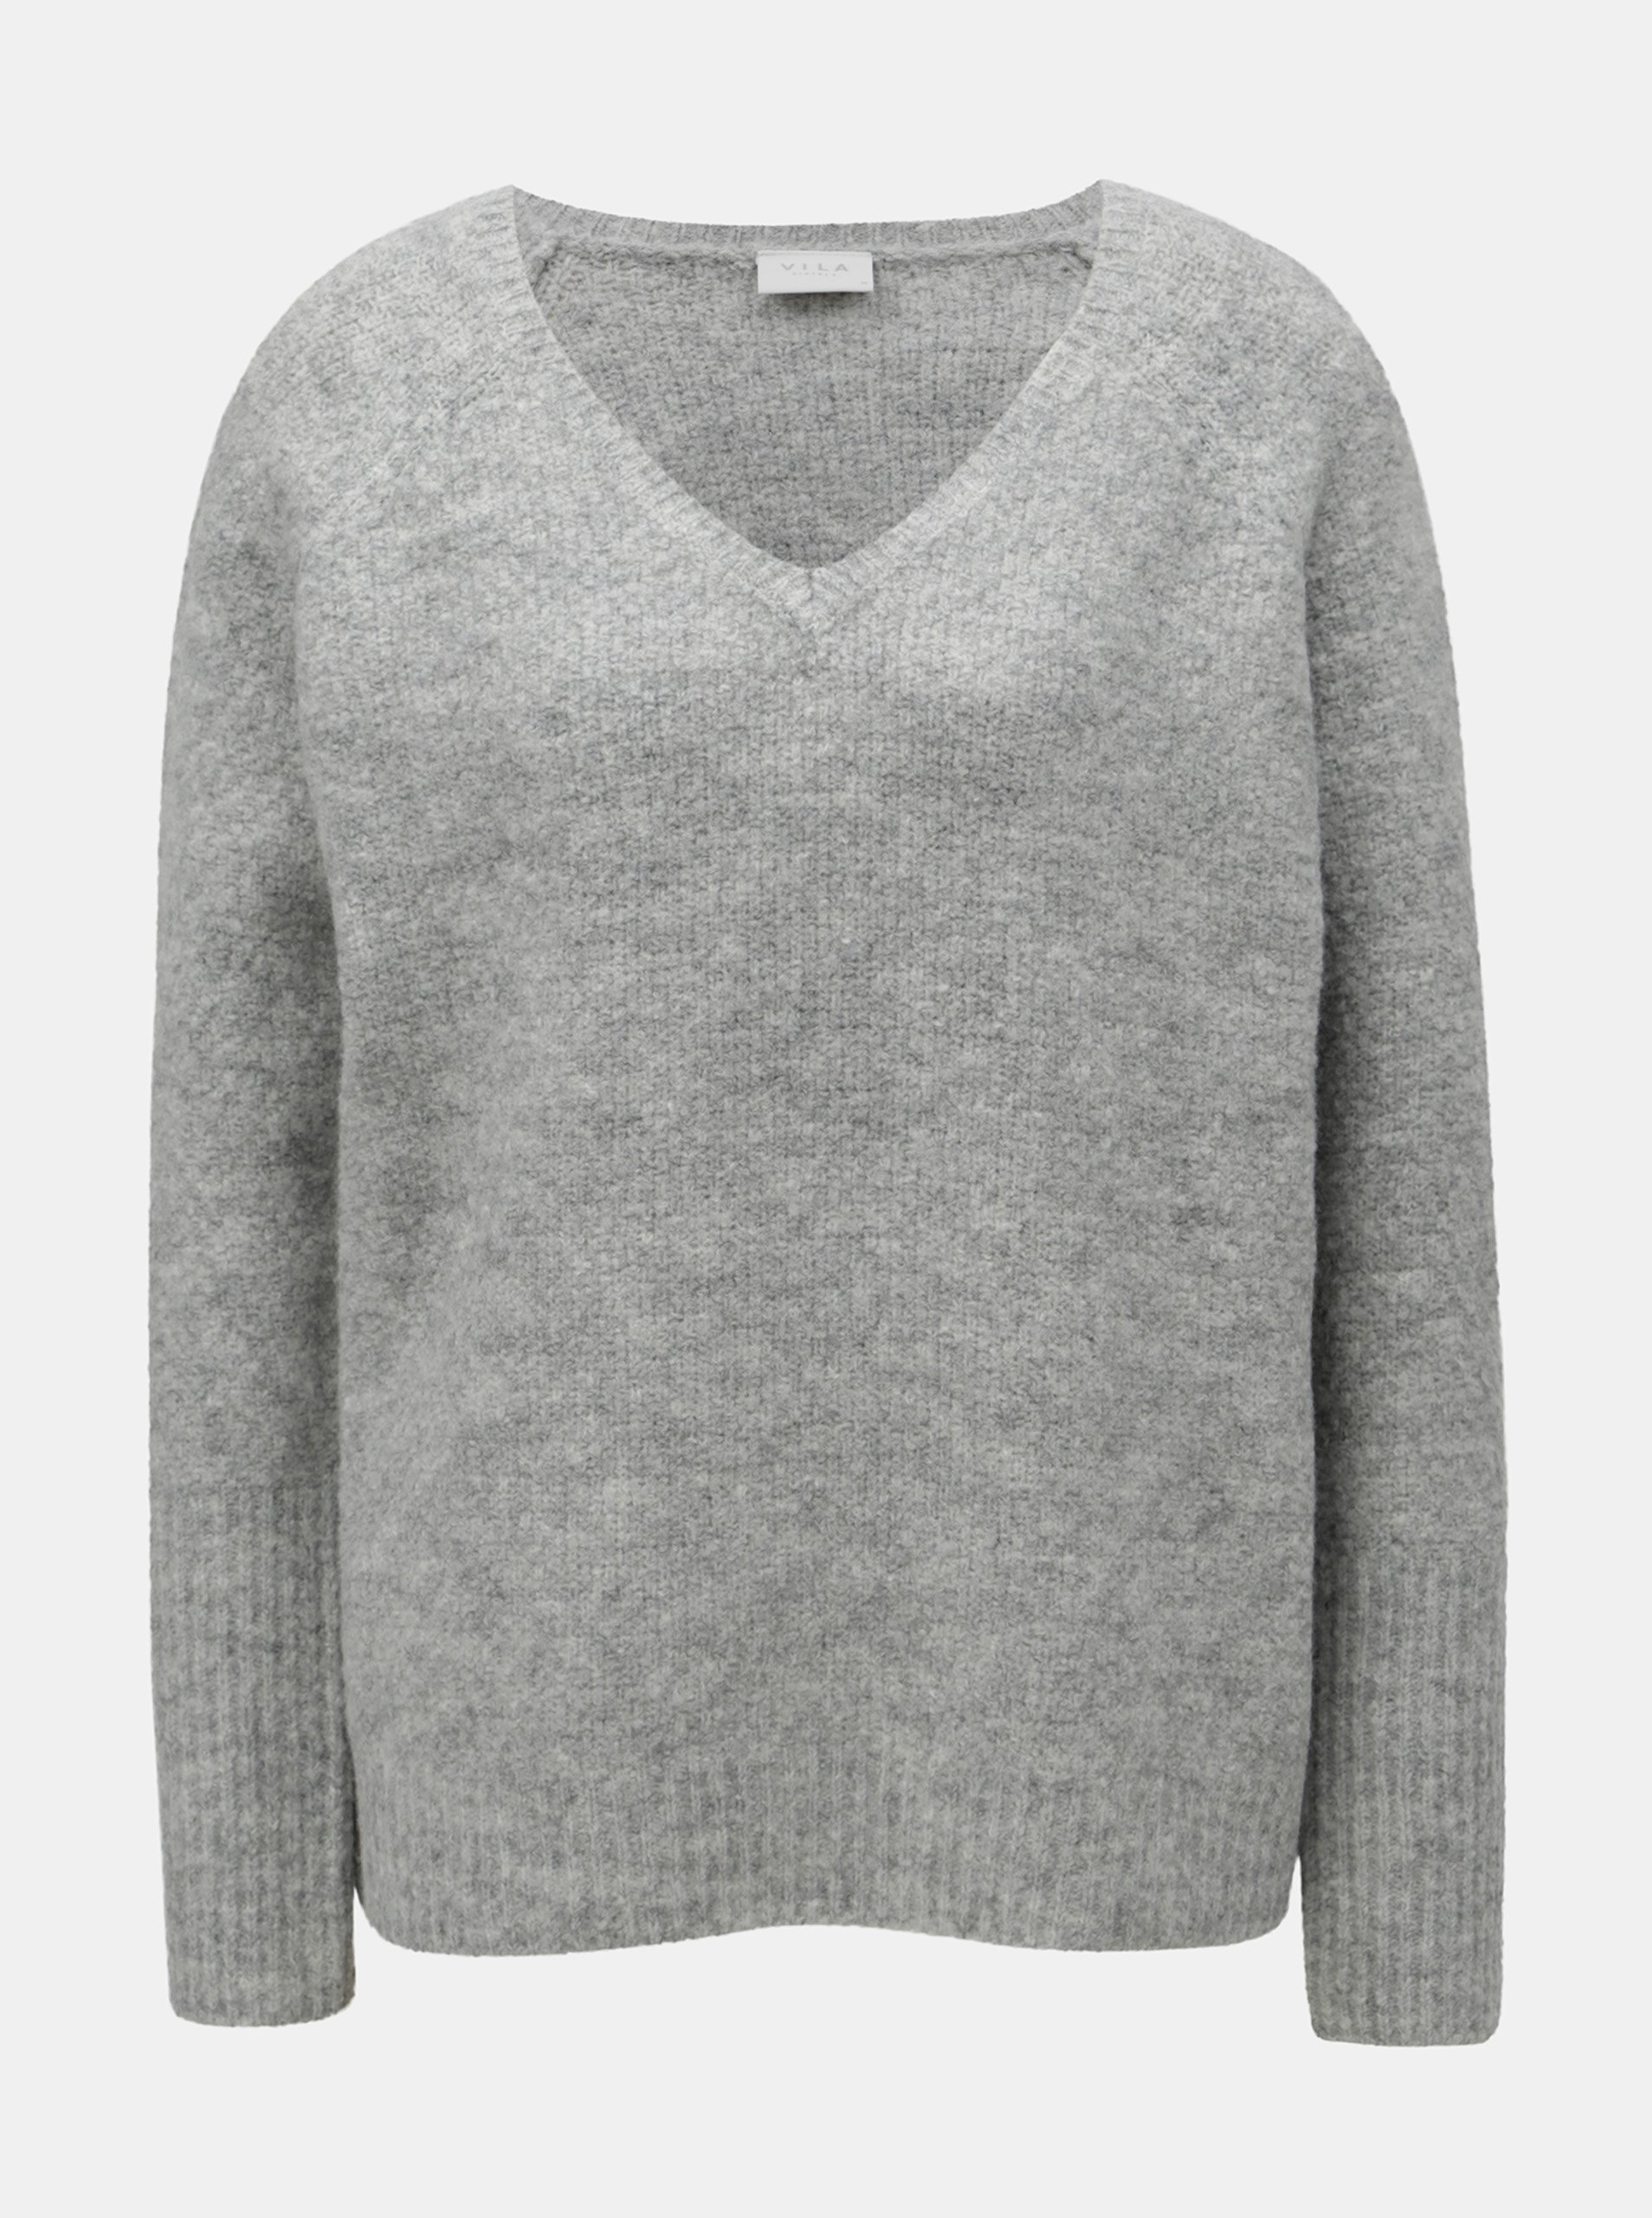 725263a2a865 Sivý melírovaný oversize sveter s prímesou vlny VILA